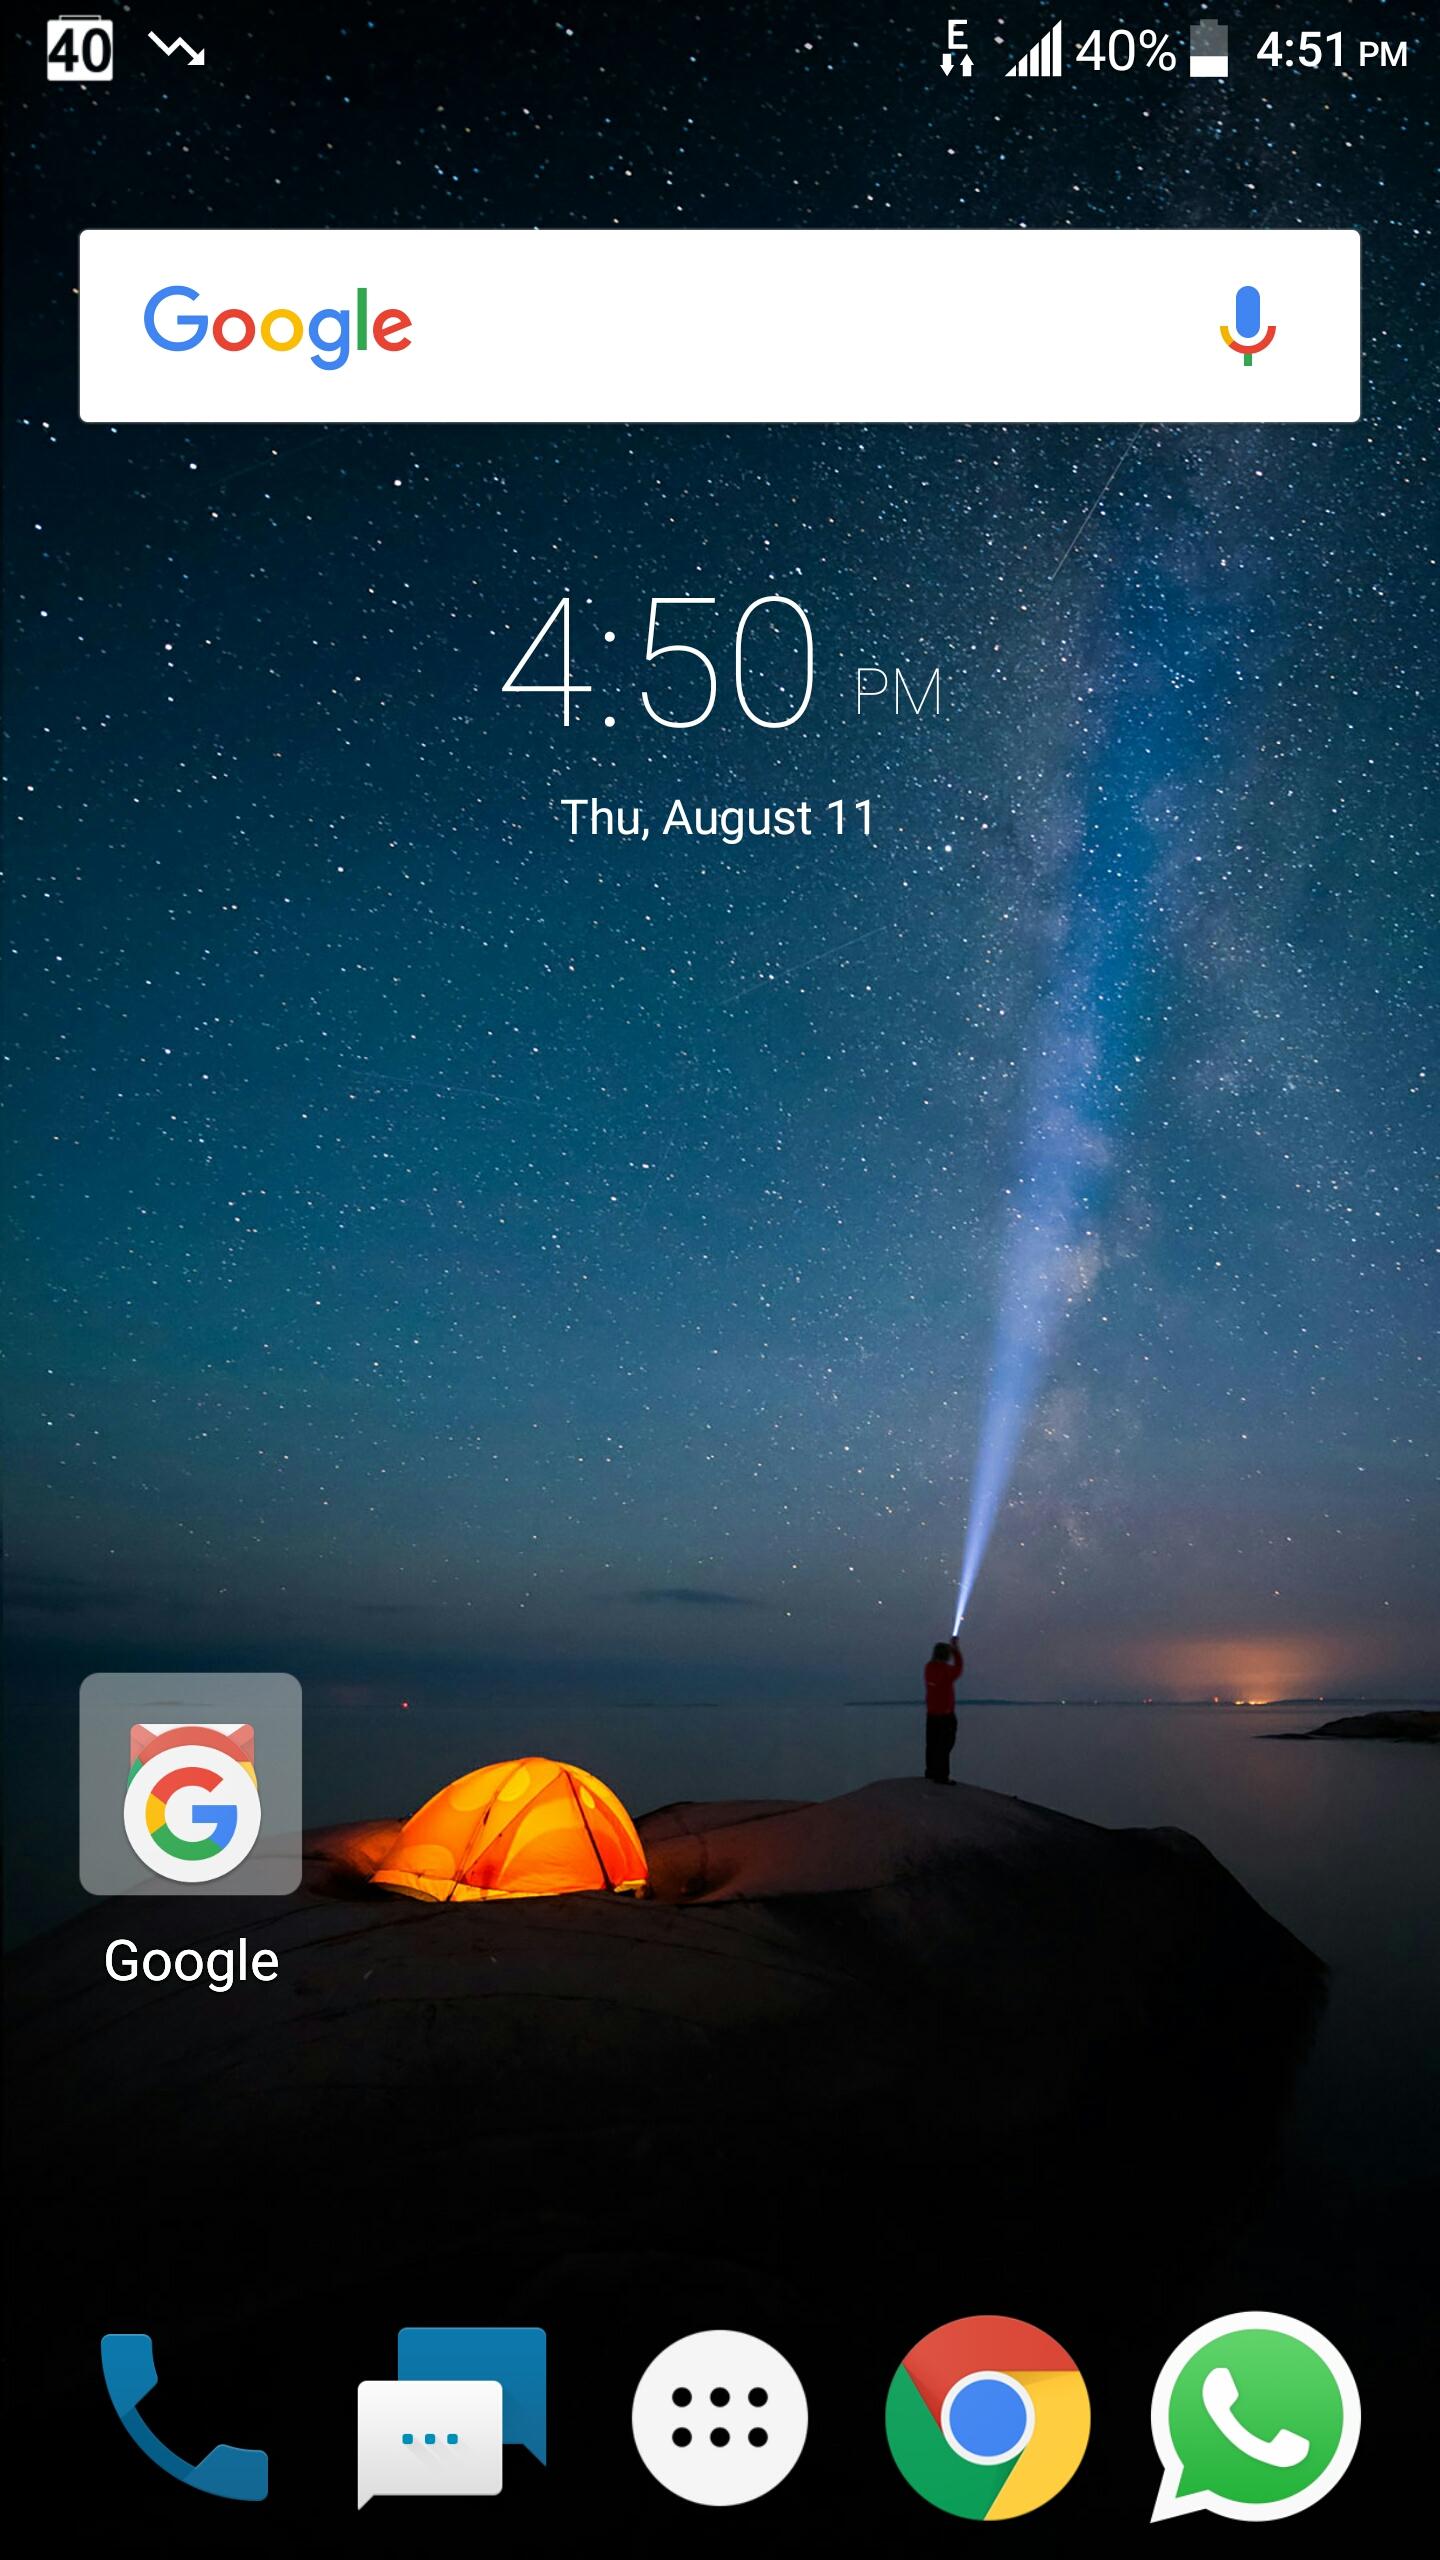 Screenshot_2016-08-11-16-51-26.jpg